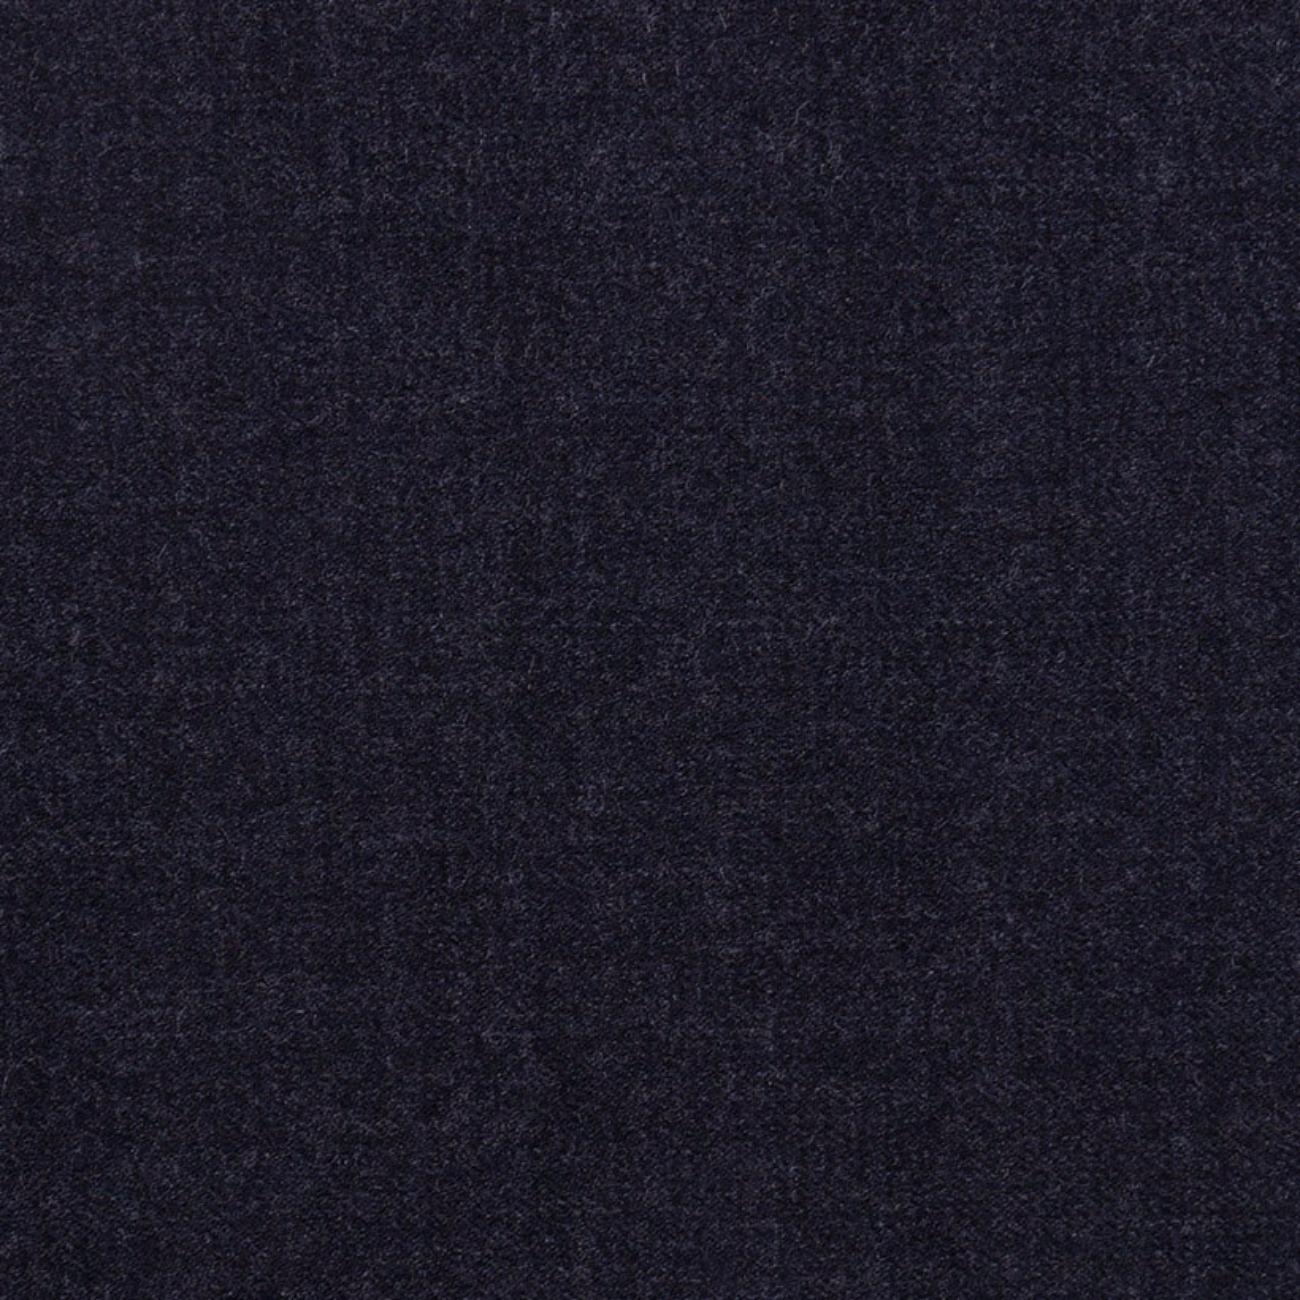 毛纺 格子 羊毛 染色 薄 精仿 西装 职业装 春秋 女装 男装 71122-60